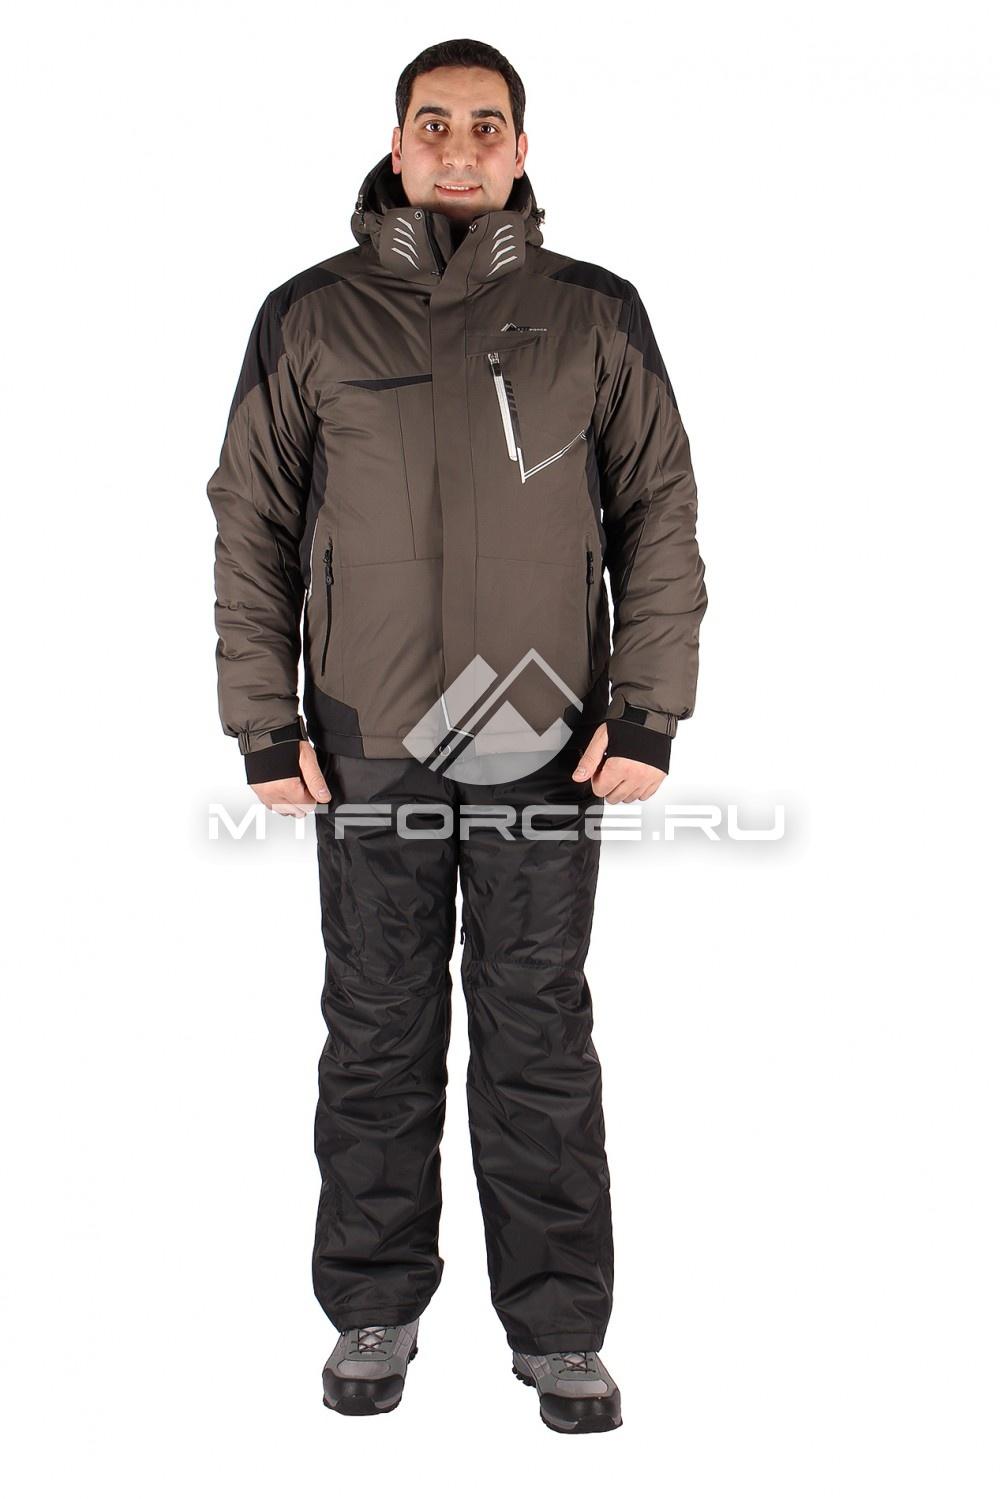 Купить                                  оптом Костюм горнолыжный мужской цвета хаки 01555Kh